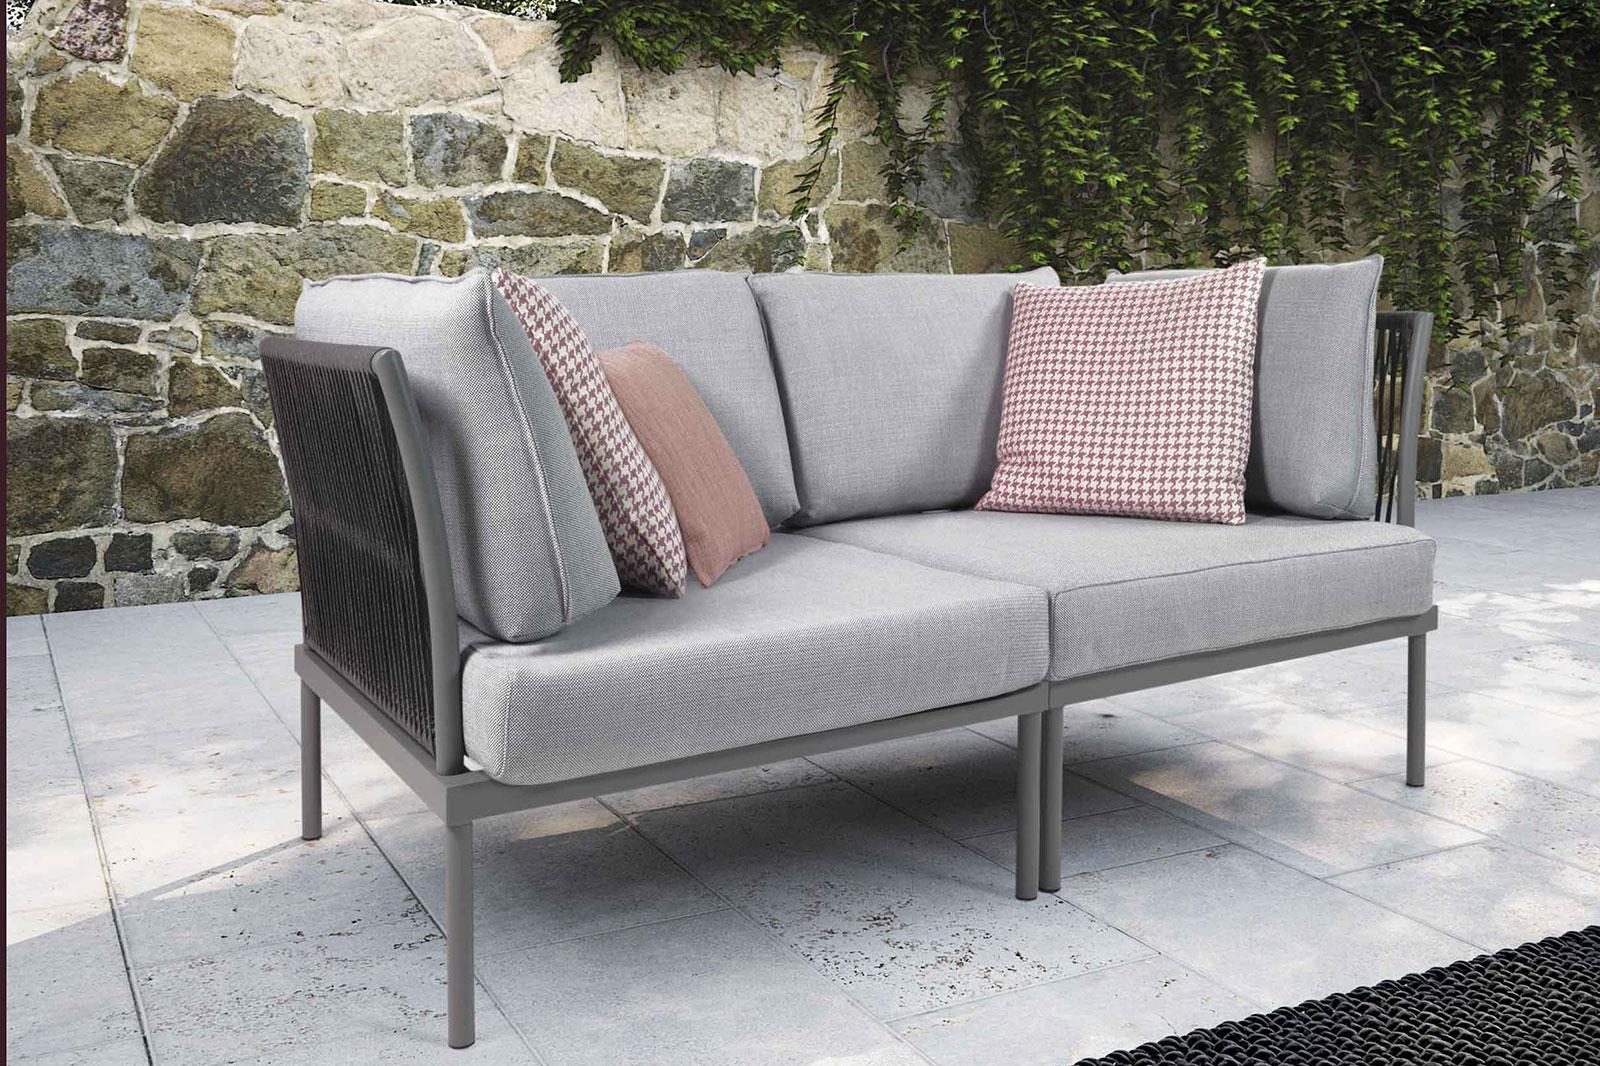 Flare divano 2 posti da esterno vendita online italy dream design - Divano da giardino ...